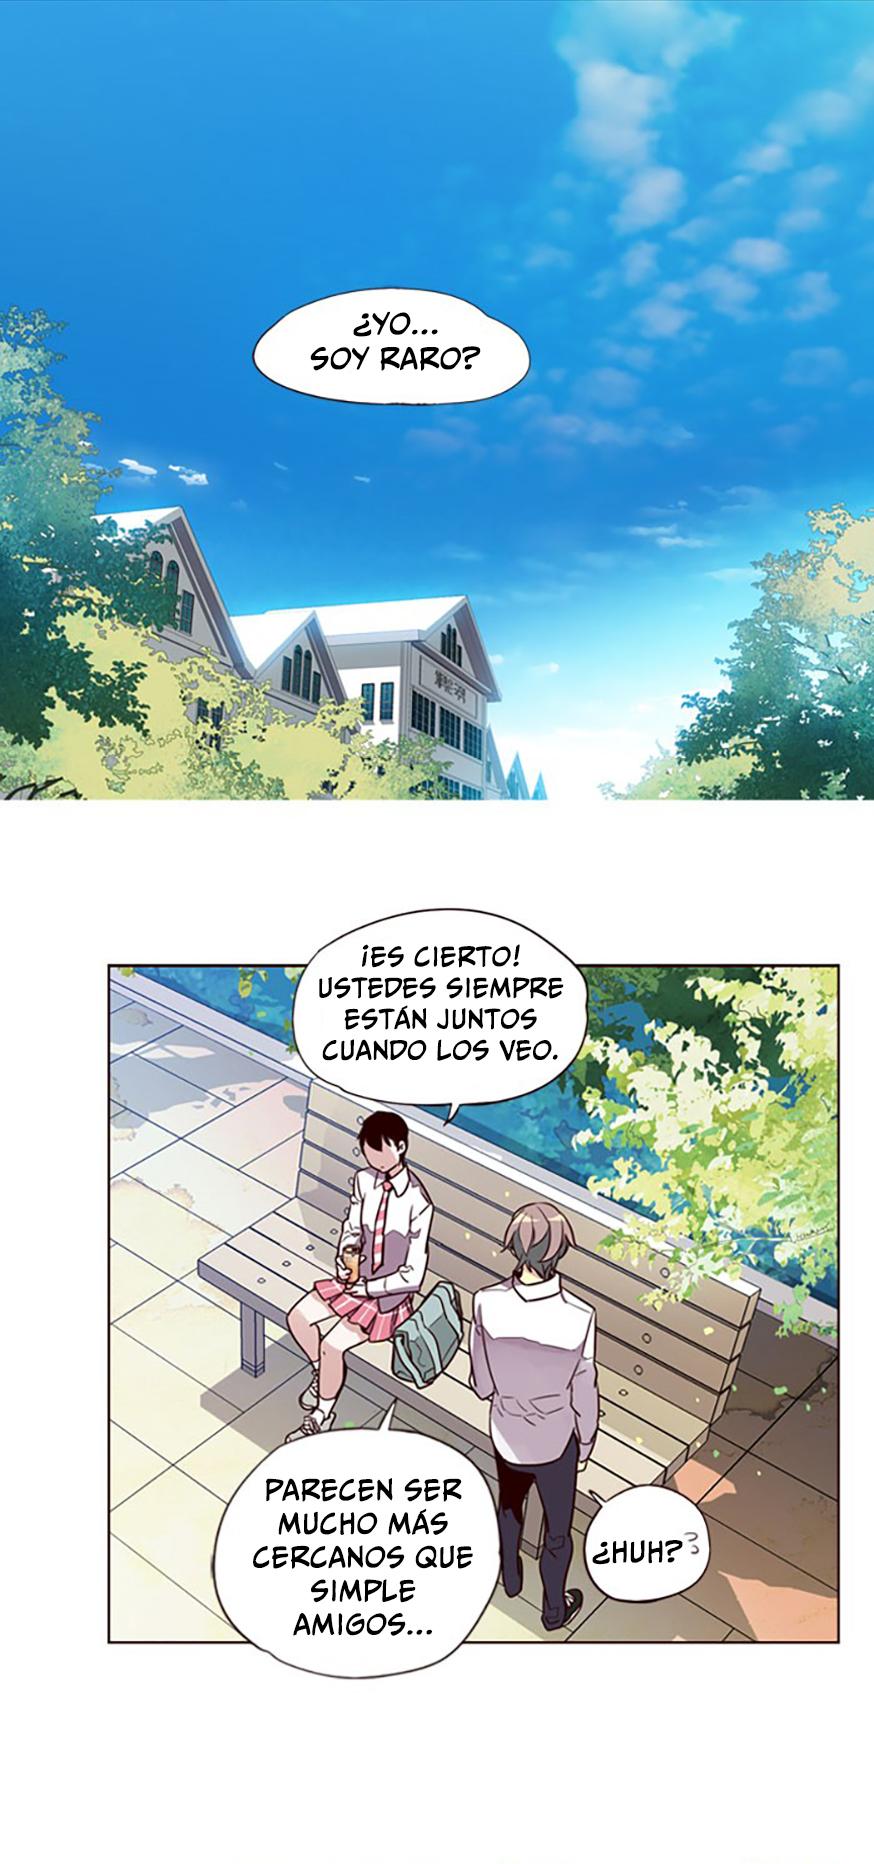 http://c5.ninemanga.com/es_manga/32/416/361799/4b7c04fdeac958c1ea5f46f053e871b5.jpg Page 5